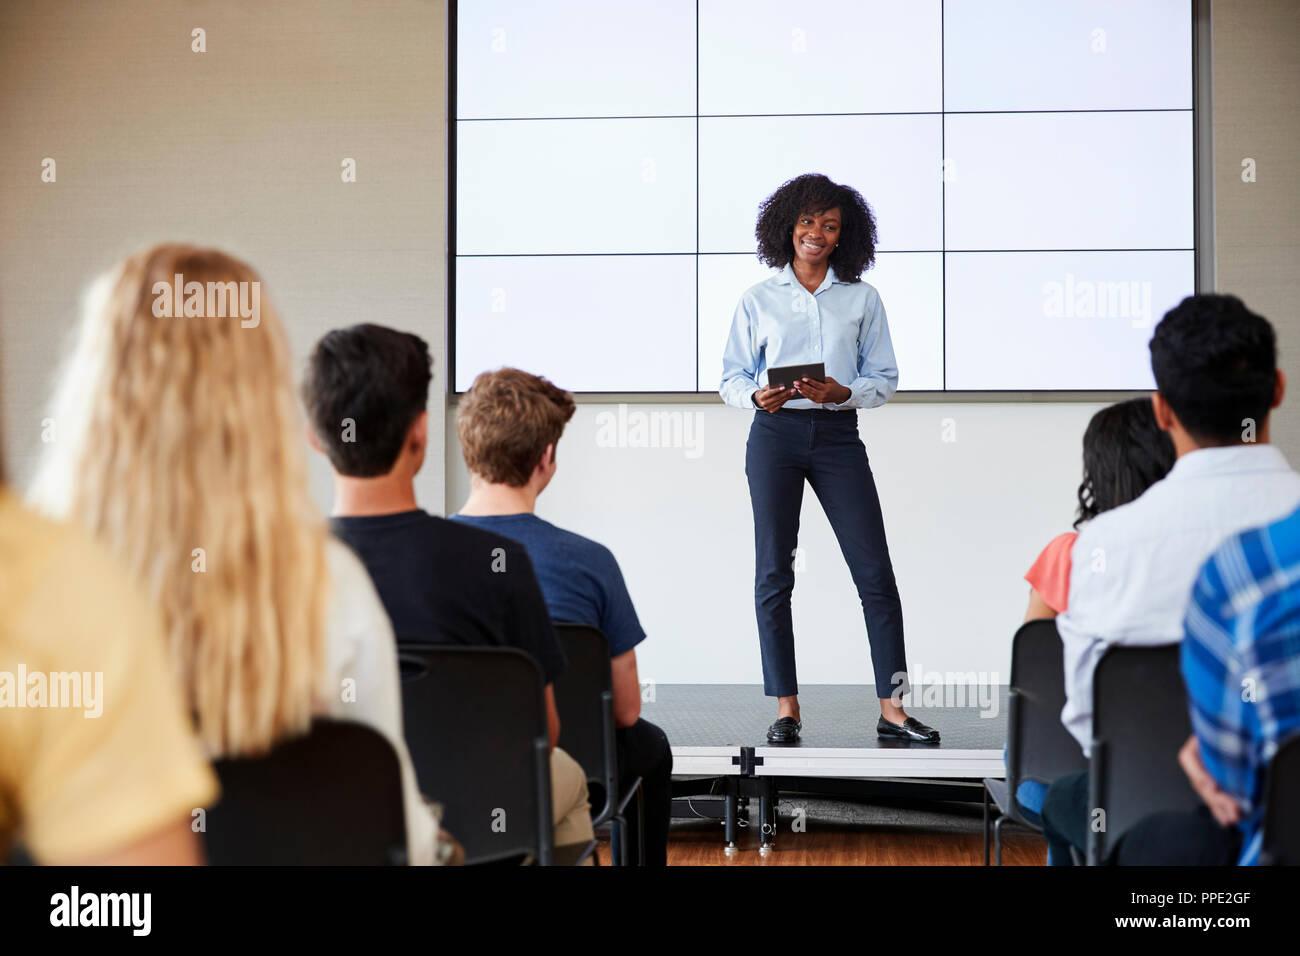 Enseignante avec tablette numérique Présentation donnant à l'école secondaire en classe d'affichage Banque D'Images